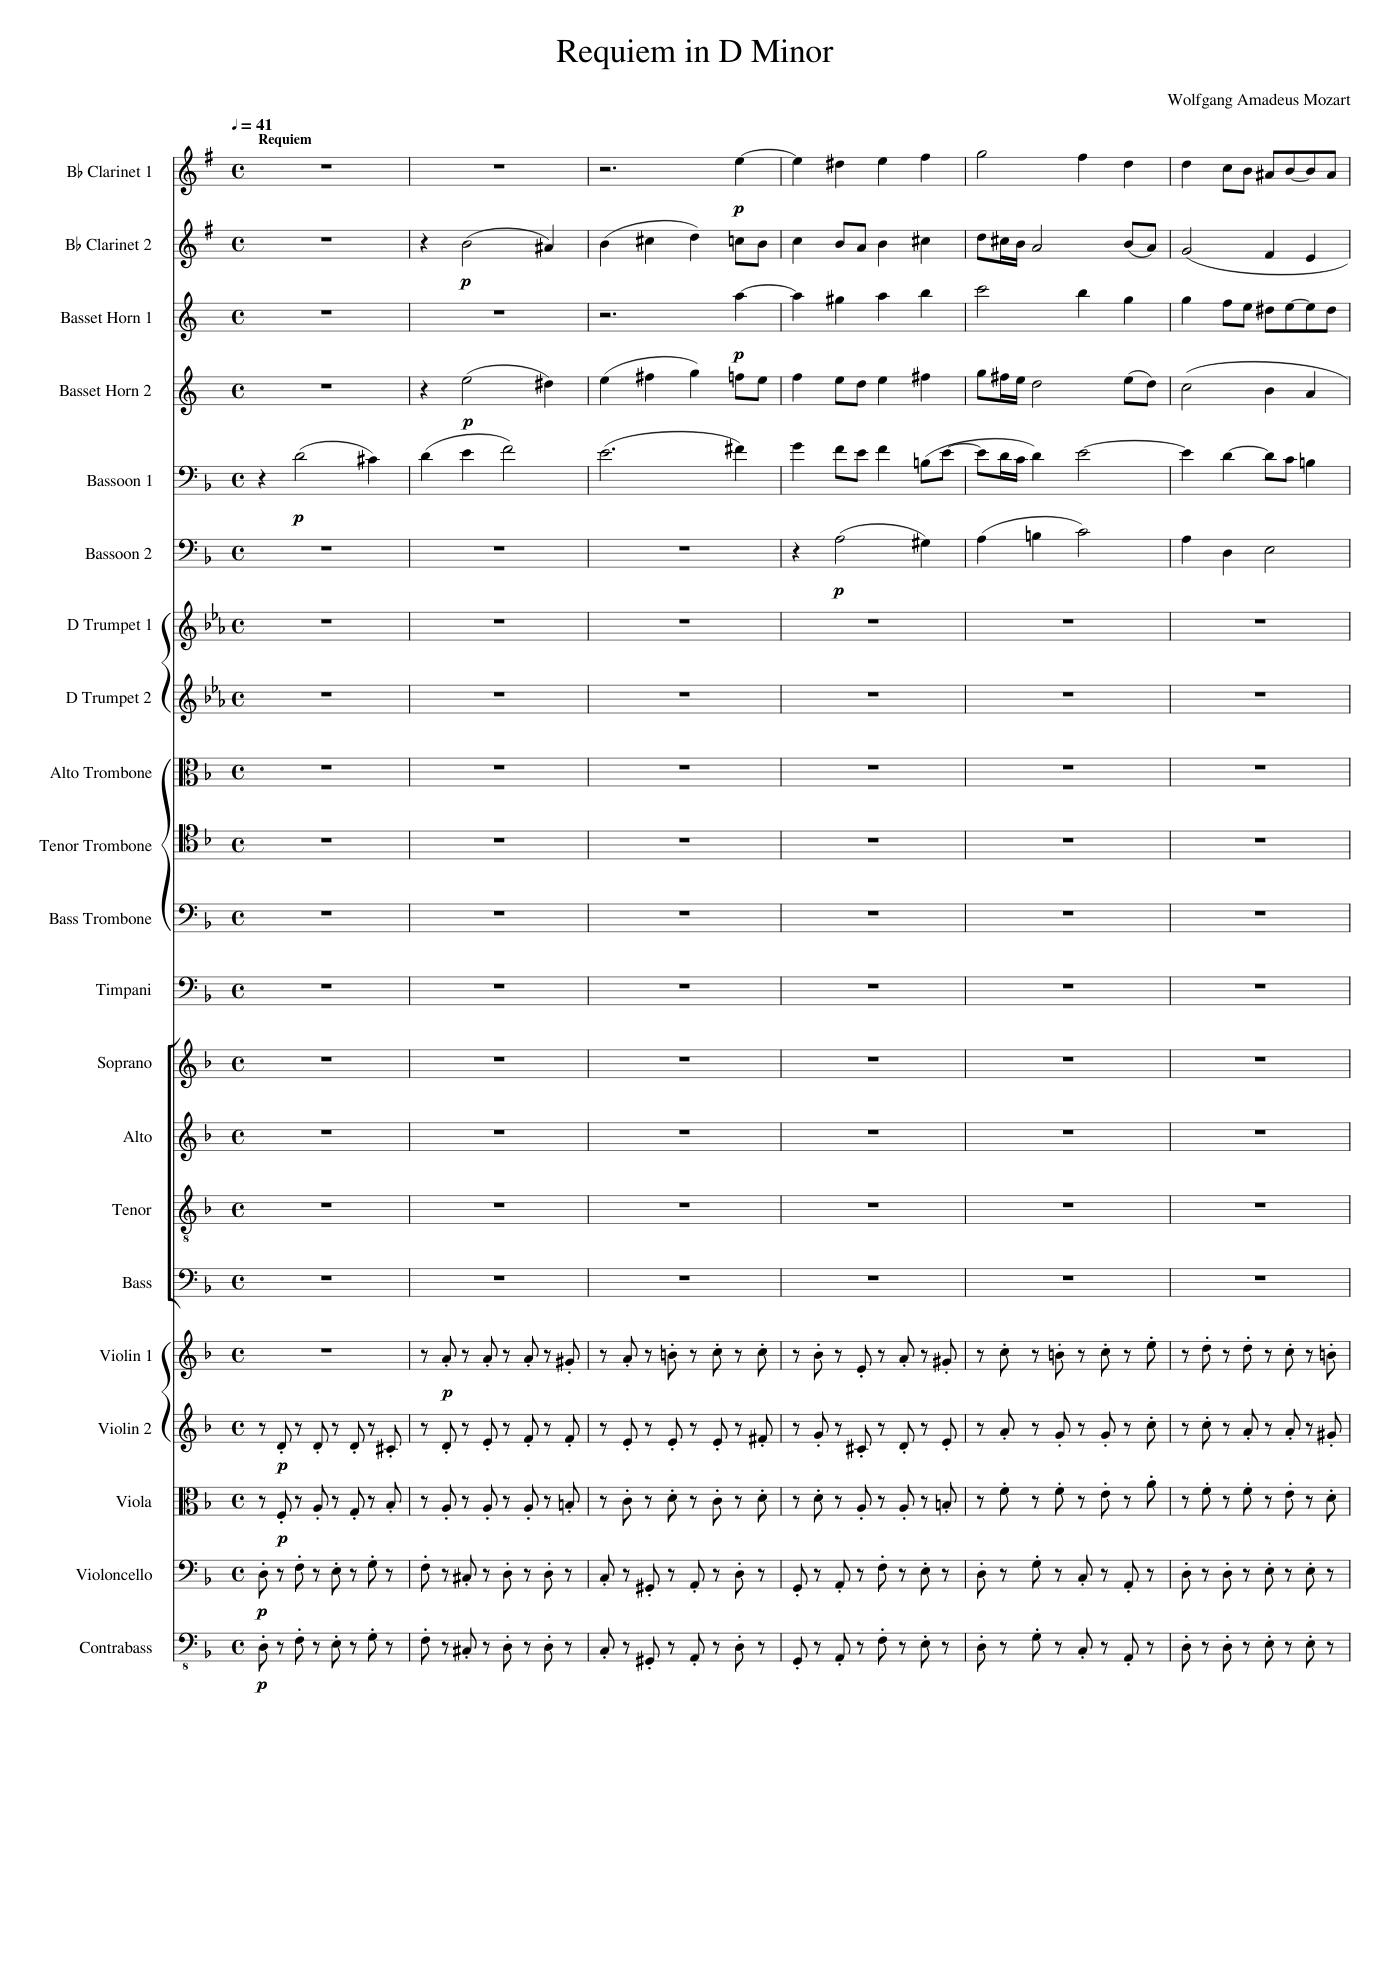 partitura requiem mozart k 626